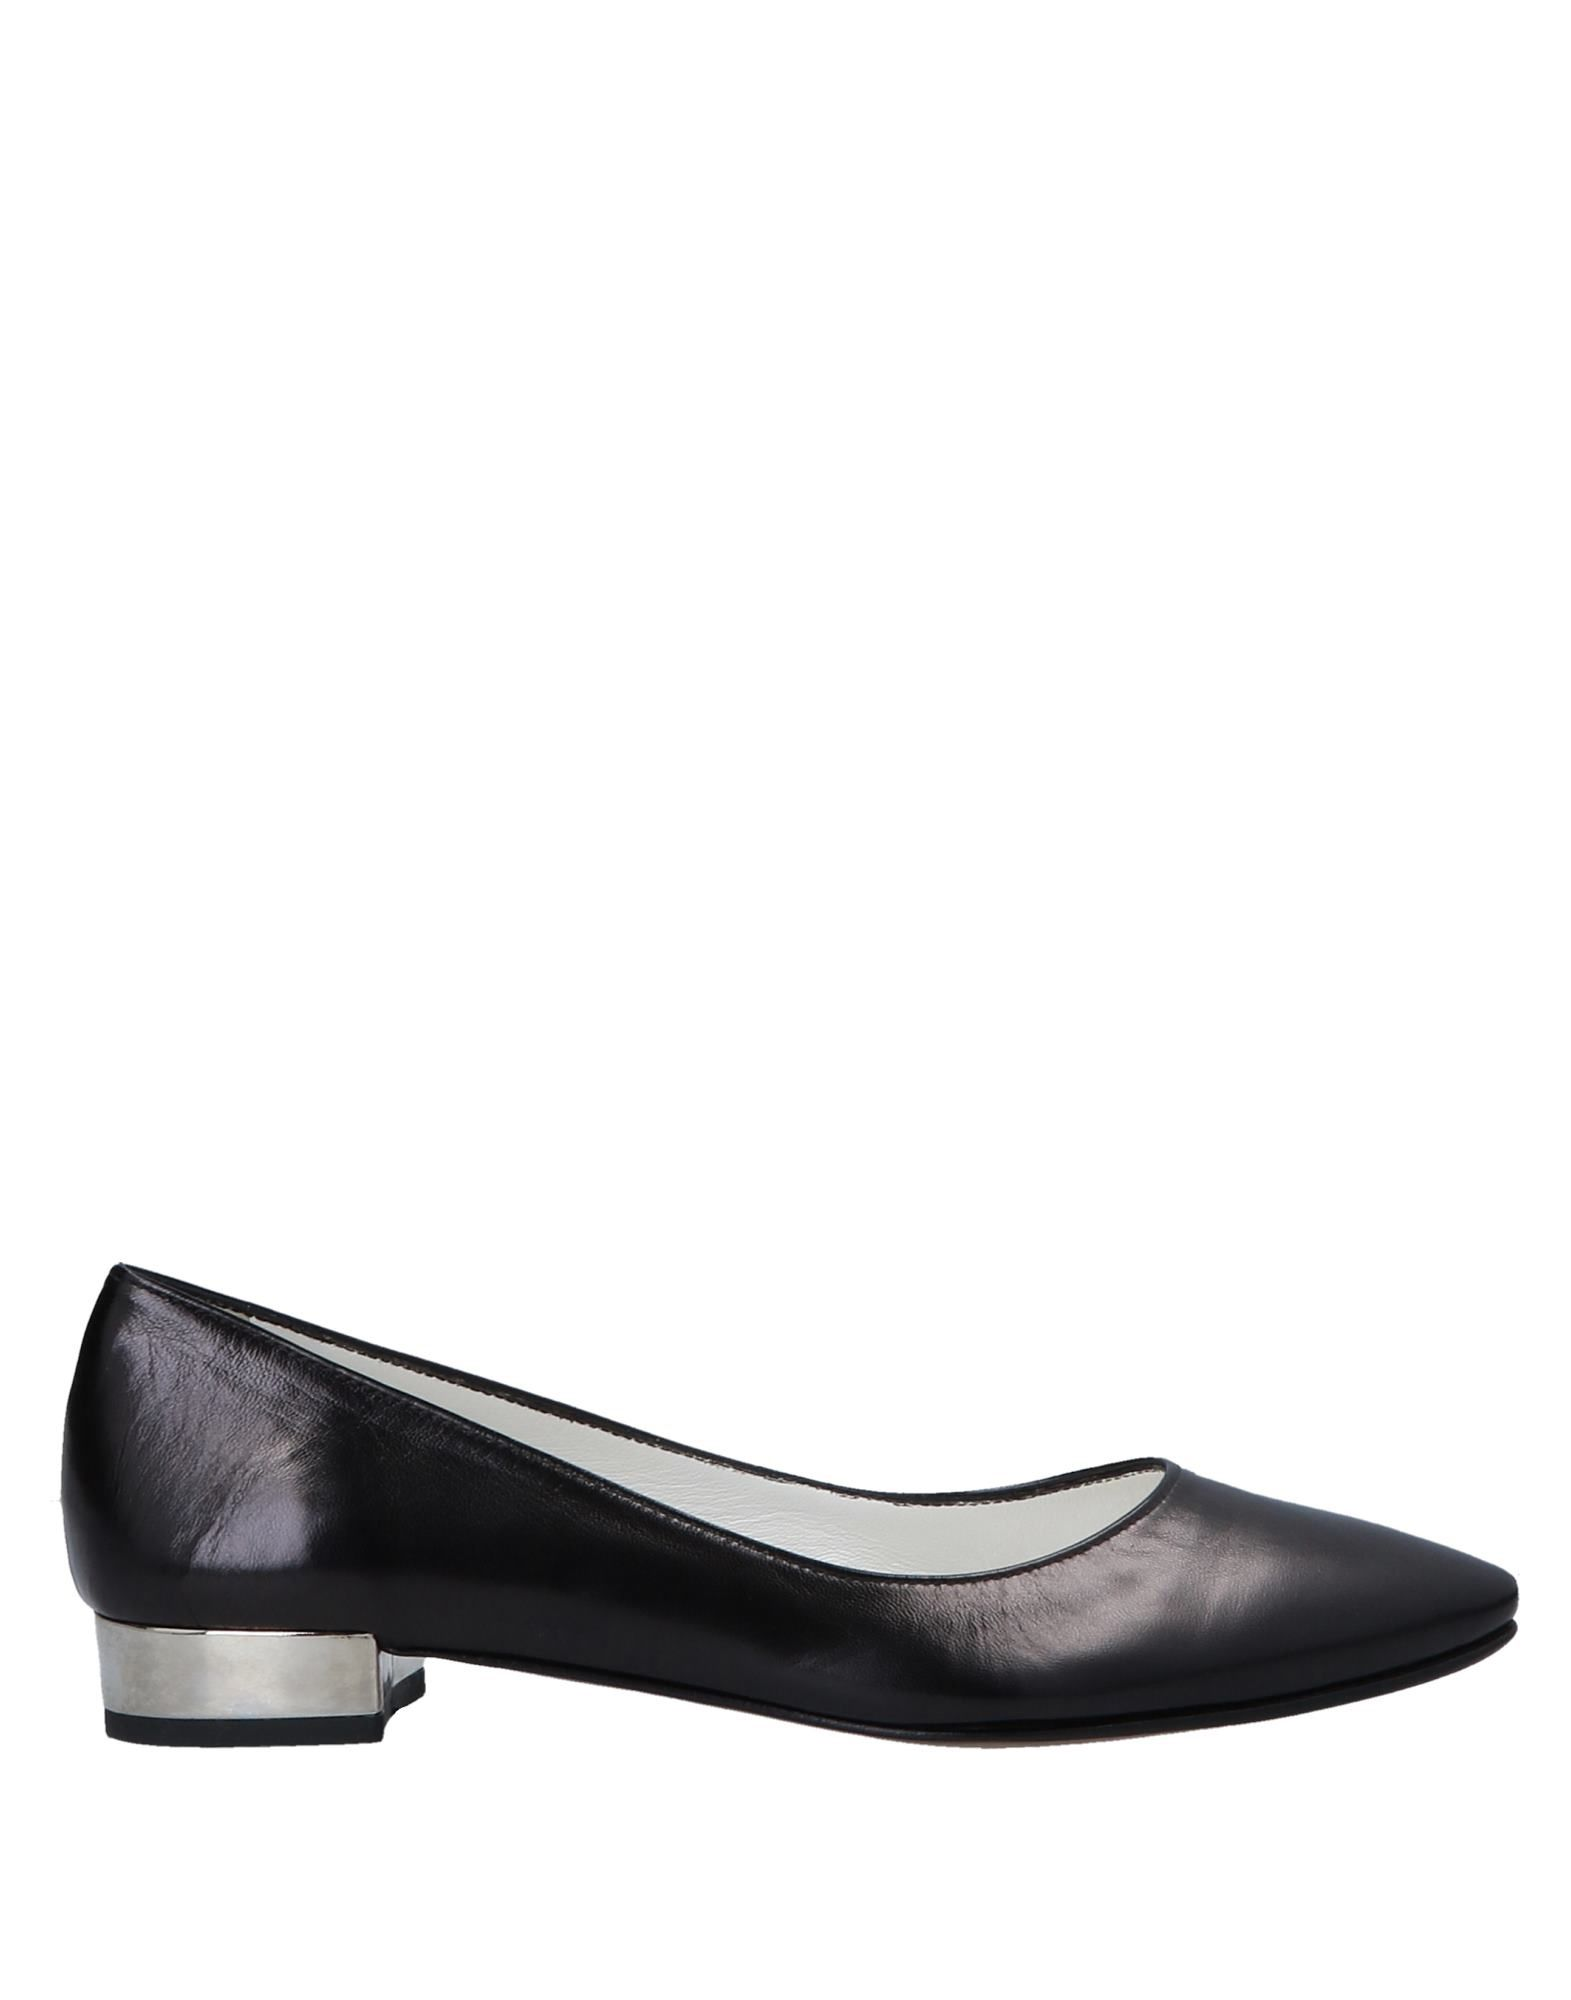 Ballerine Angel Donna - 11546780MN Scarpe economiche e buone